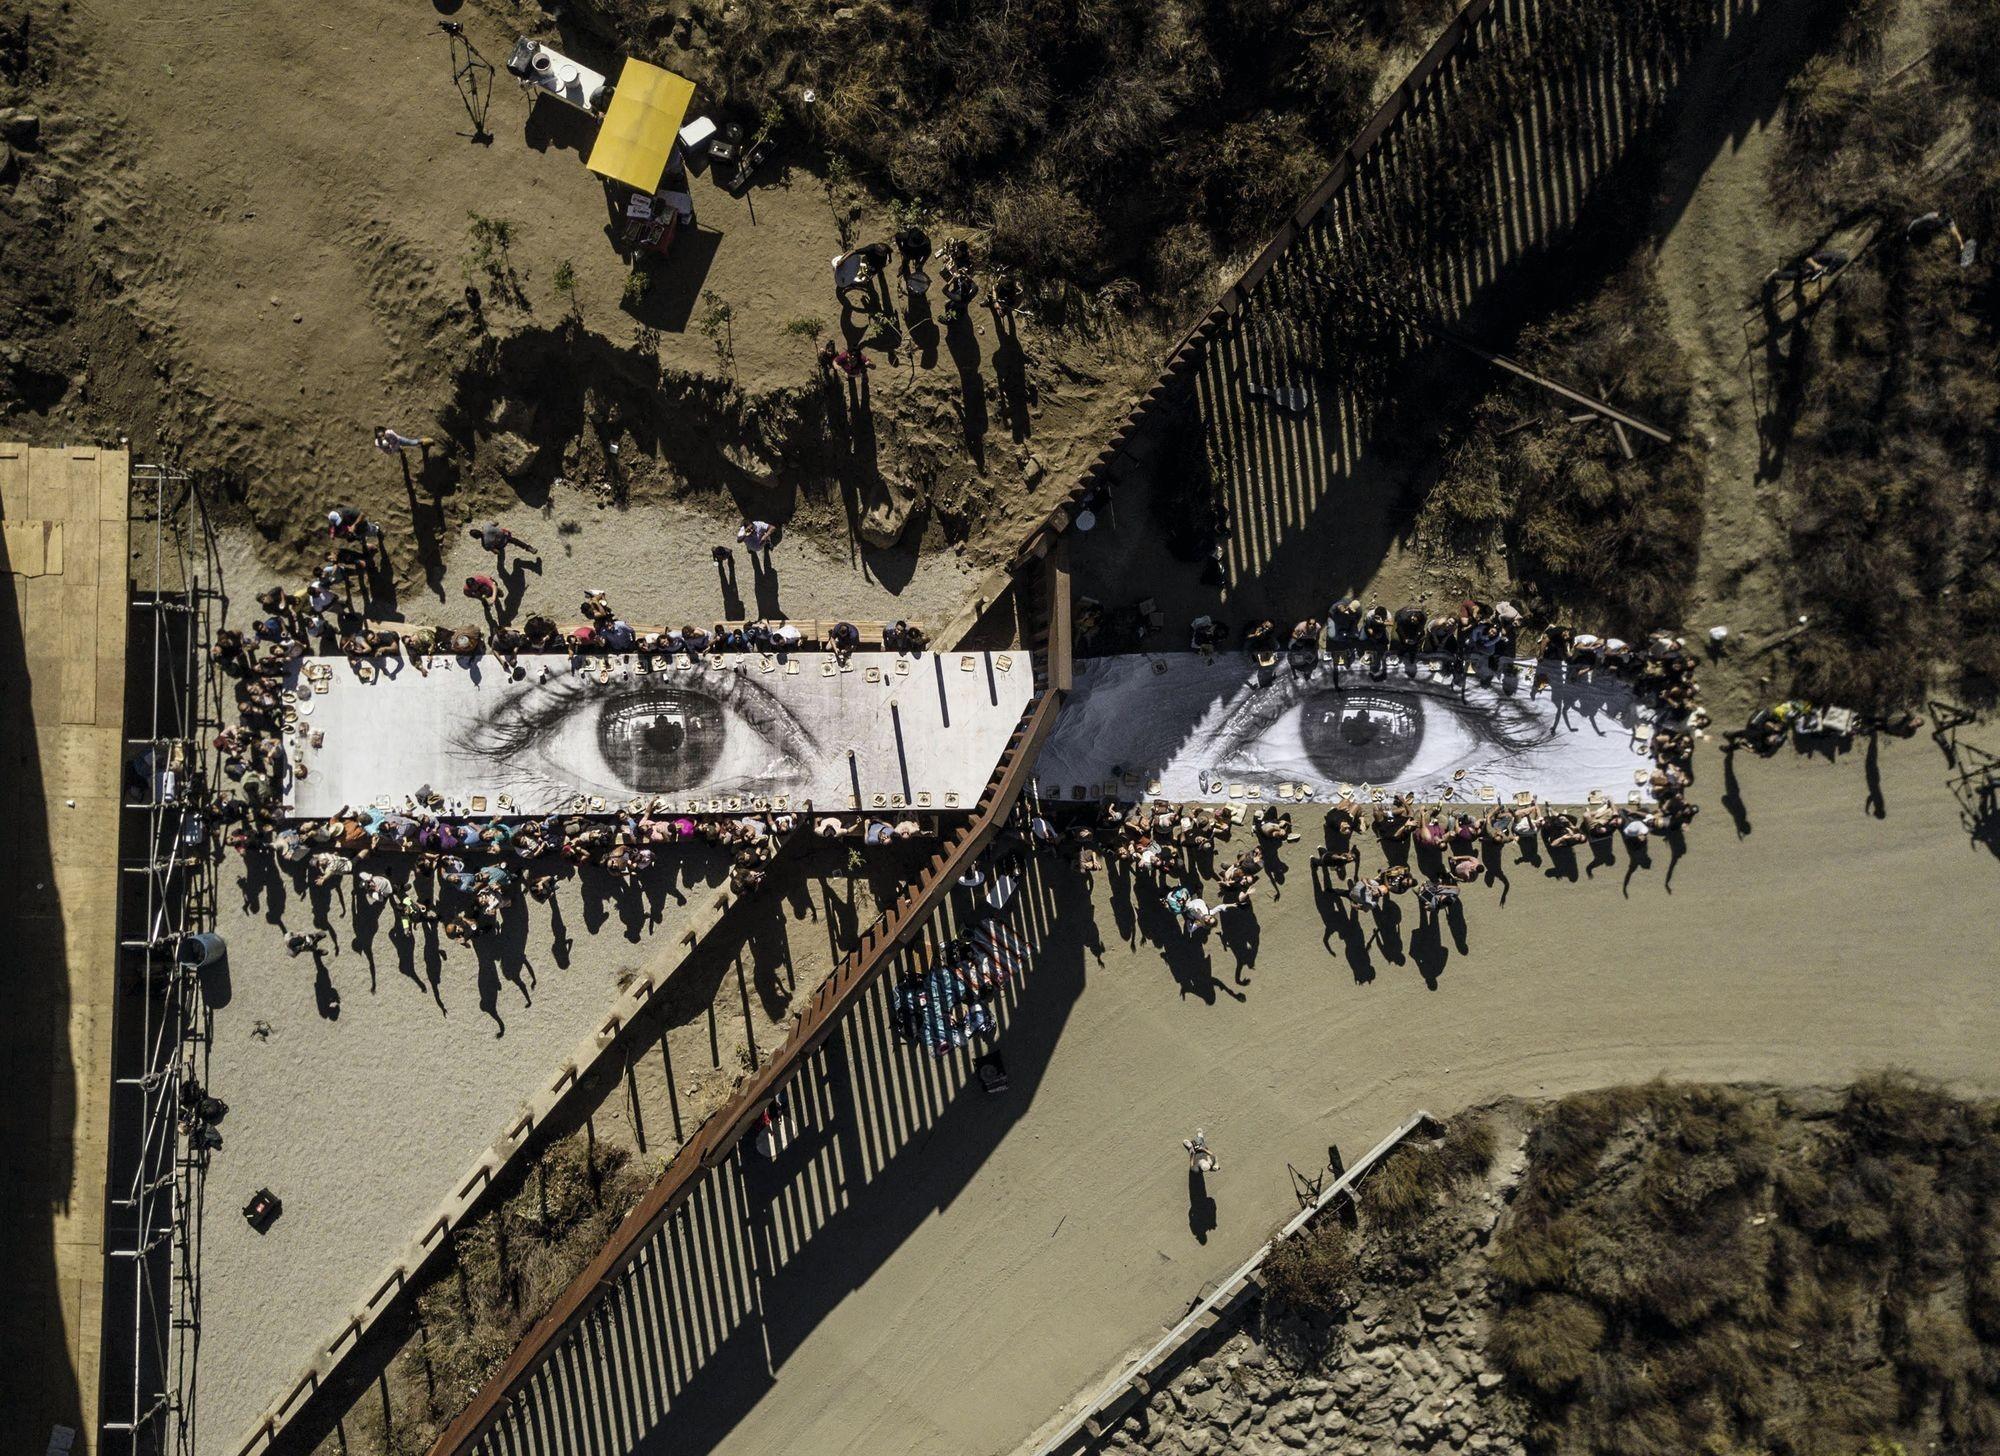 La frontière mexicano-américaine, transformée par l'artiste JR, à Tecate (Mexique)